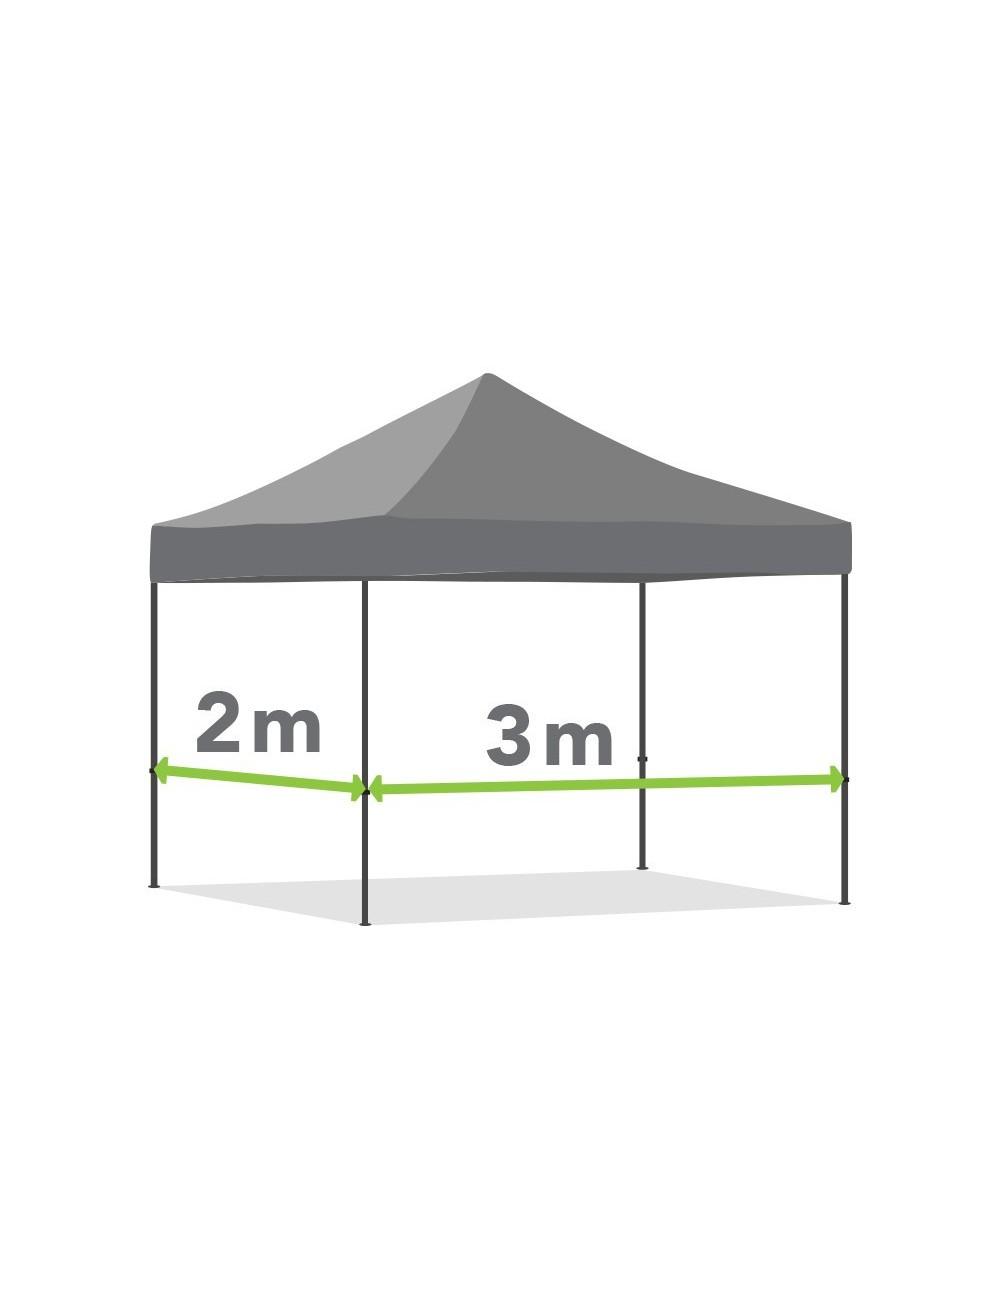 Tonnelle pliante de 2m x 3m